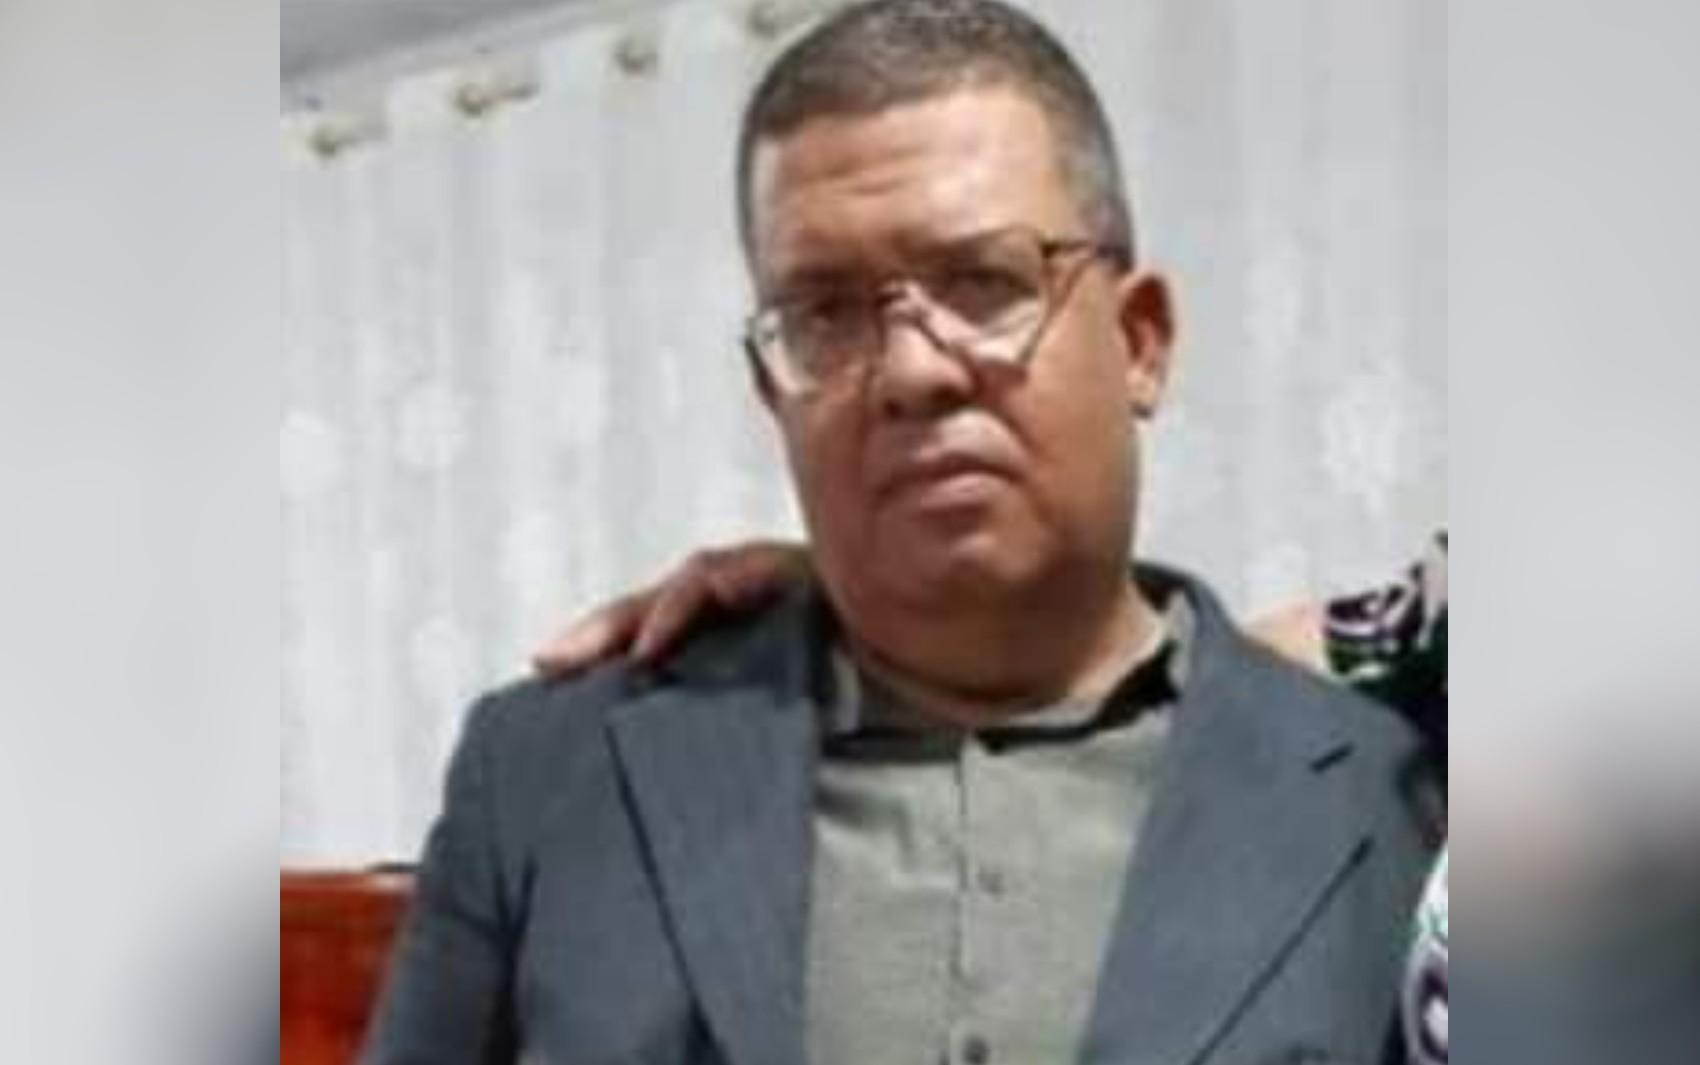 Funerária pode ser punida após esperar três dias para enterrar corpo de pastor, diz Vigilância Sanitária